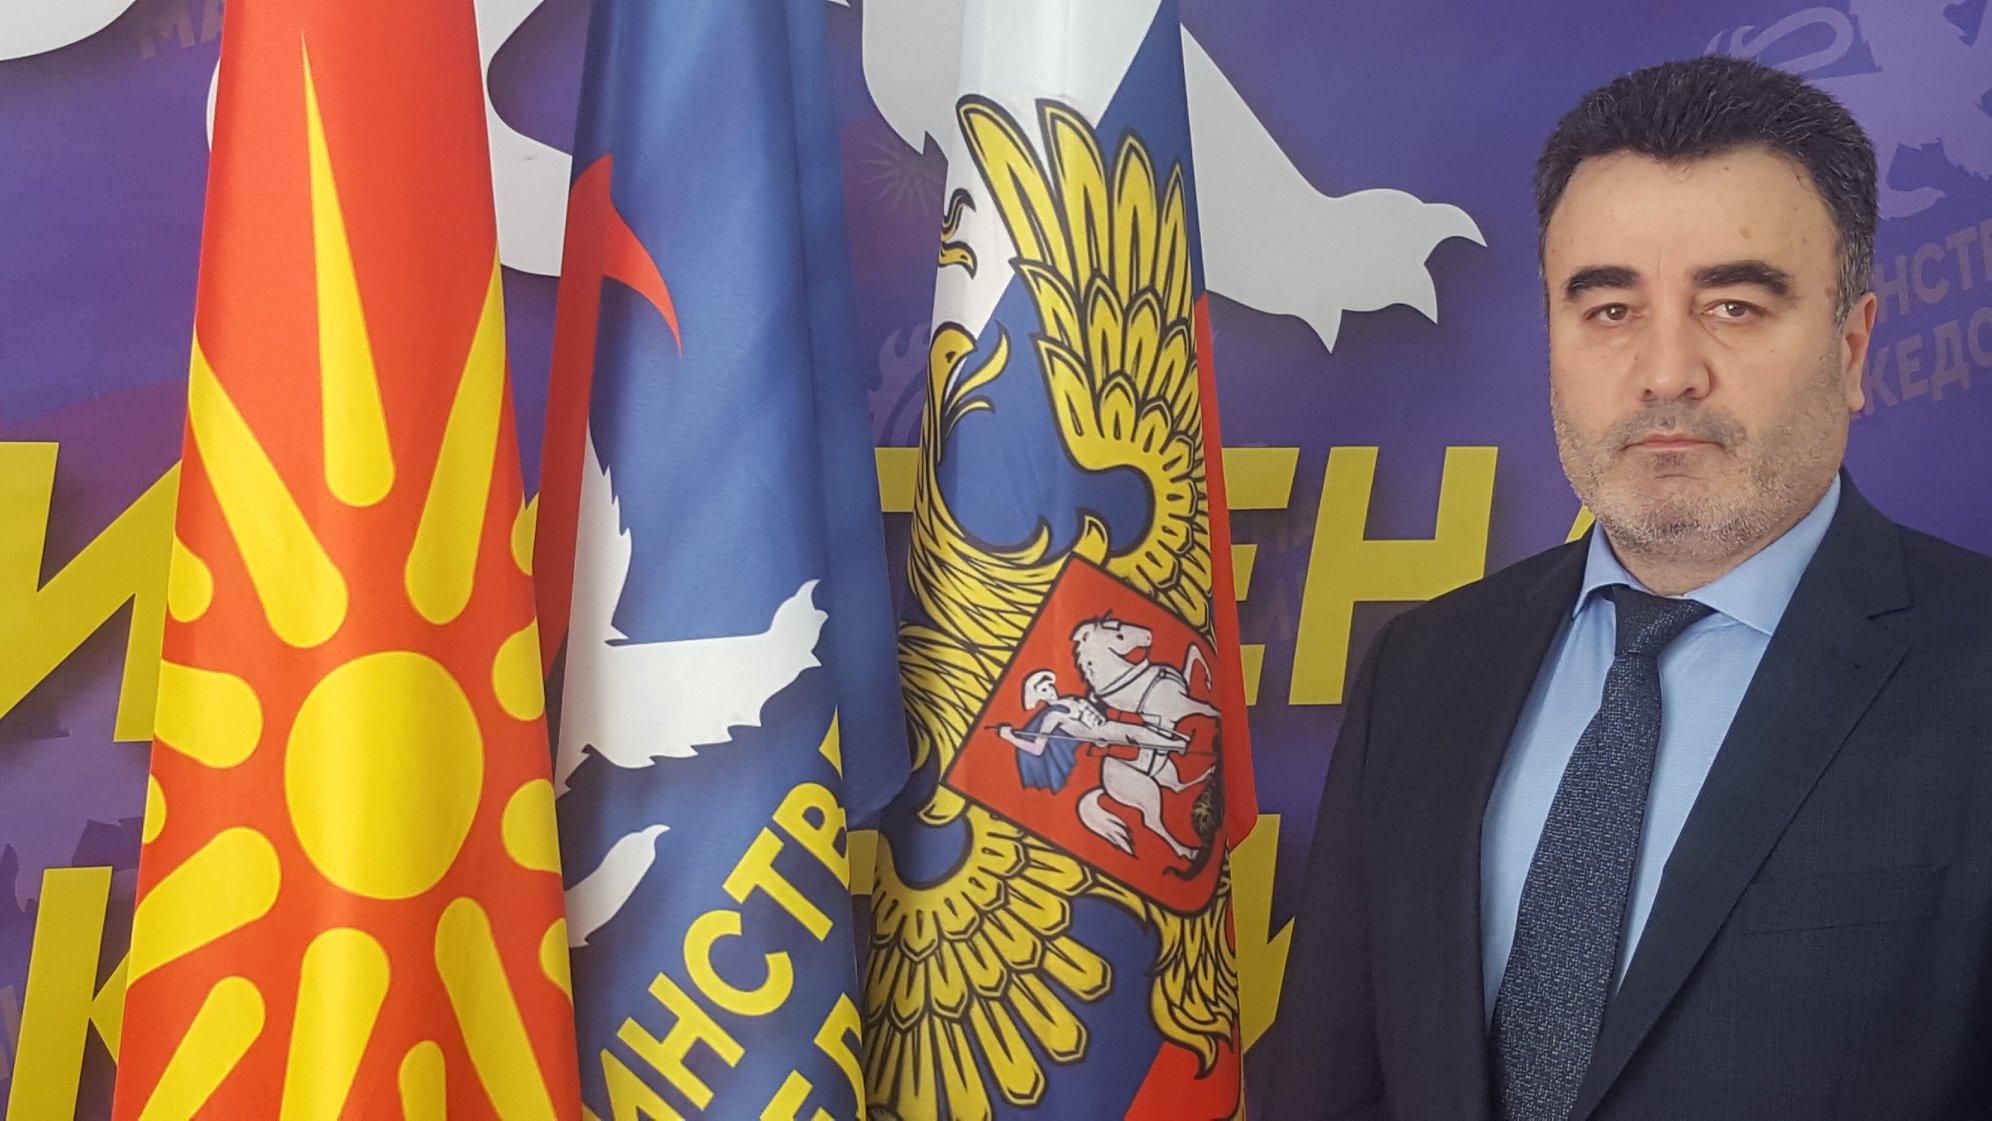 Пучистичката влада повторно бара апсење на Бачев оти рекол Шиптари, а не им смета кога не викаат Северномакедонци, Славофони, Бајрамовци, Фиромани...